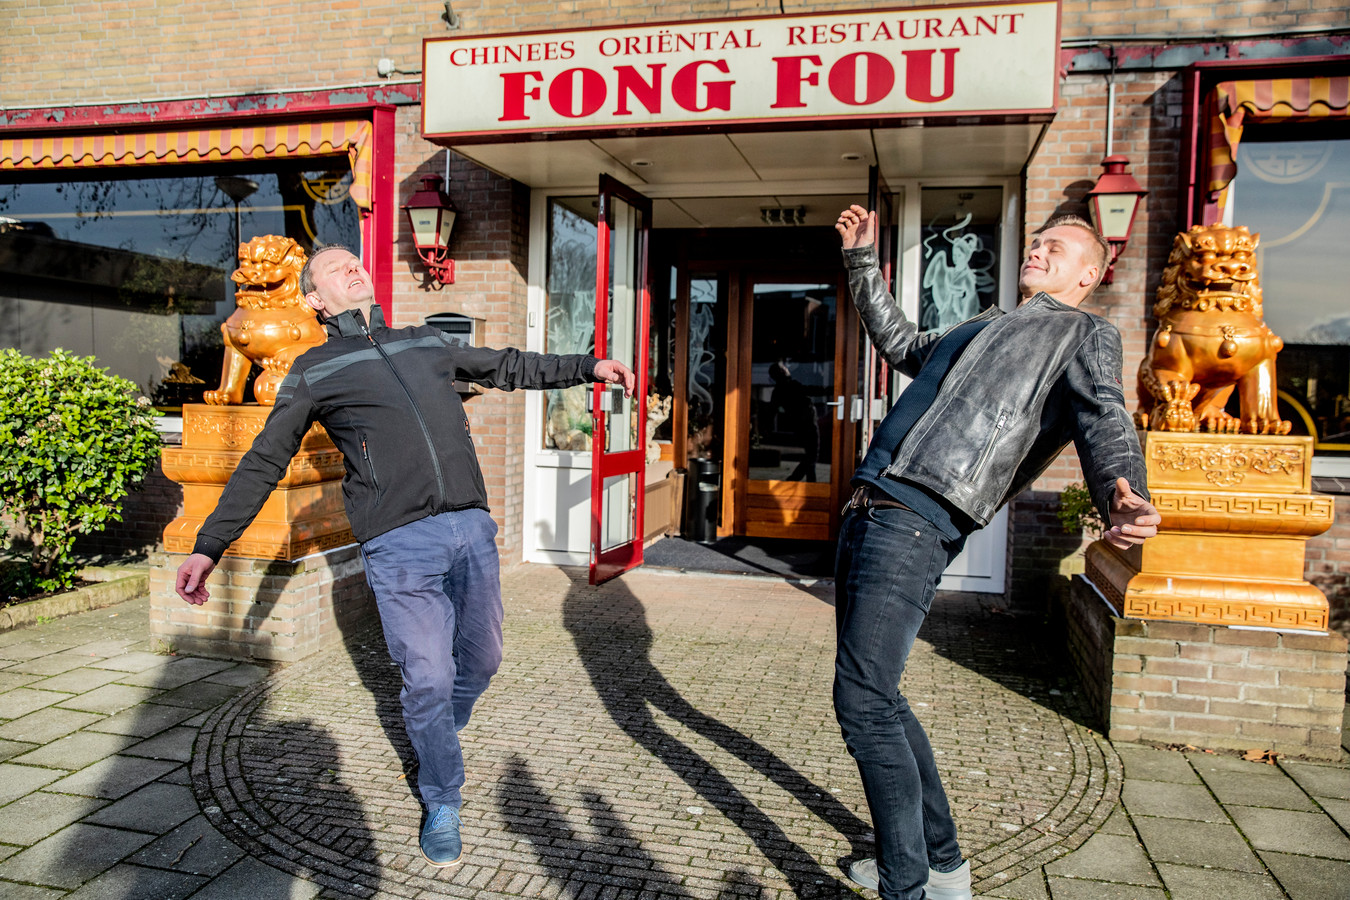 Acteur Arno van Dijk (L) in een scene uit Judas. Arno (vriend van Cor van Hout) wordt beschoten voor een Chinees restaurant. Arno is ook ambtenaar bij de gemeente Olst Wijhe.